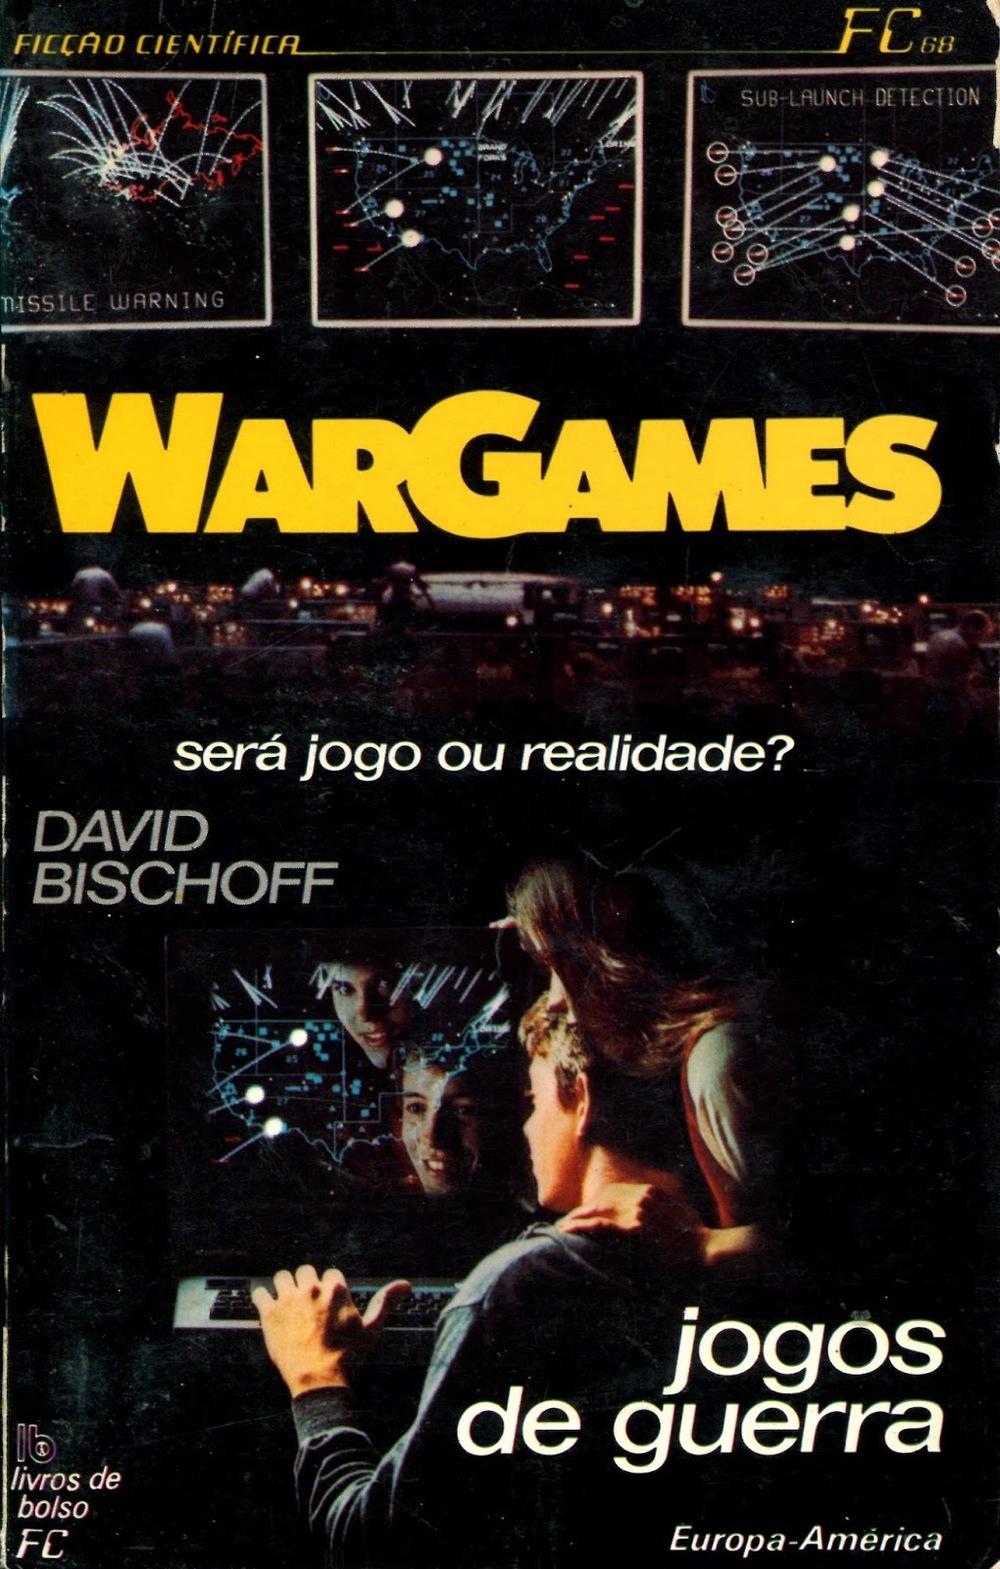 68 - Wargames.jpg